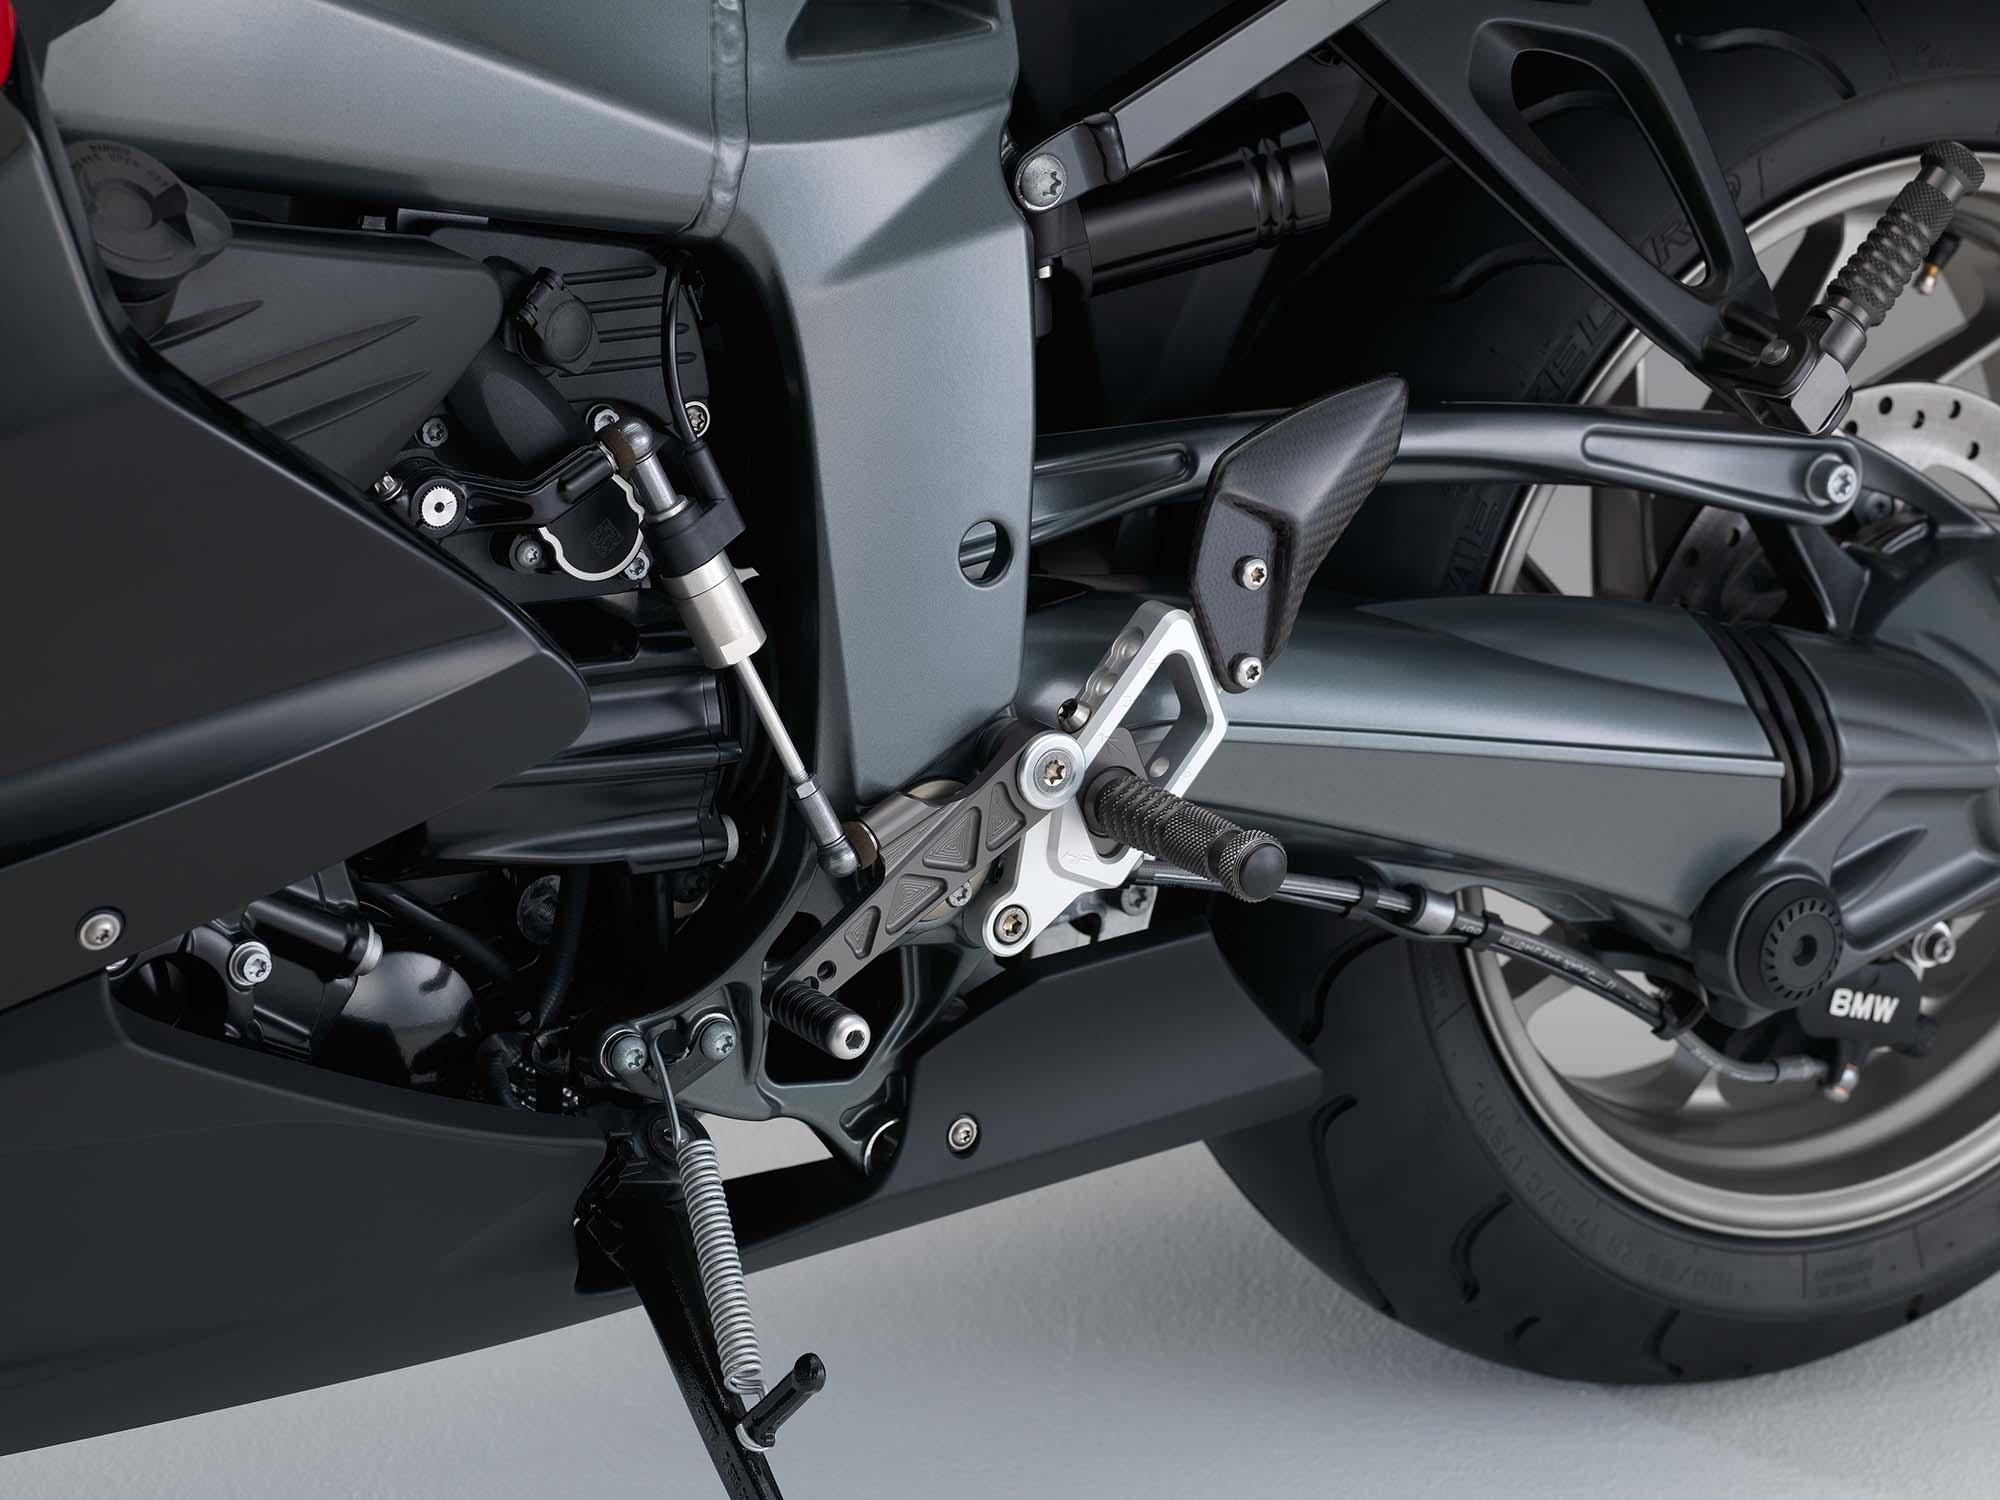 2015 bmw k1300s motorsport a swan song asphalt rubber. Black Bedroom Furniture Sets. Home Design Ideas